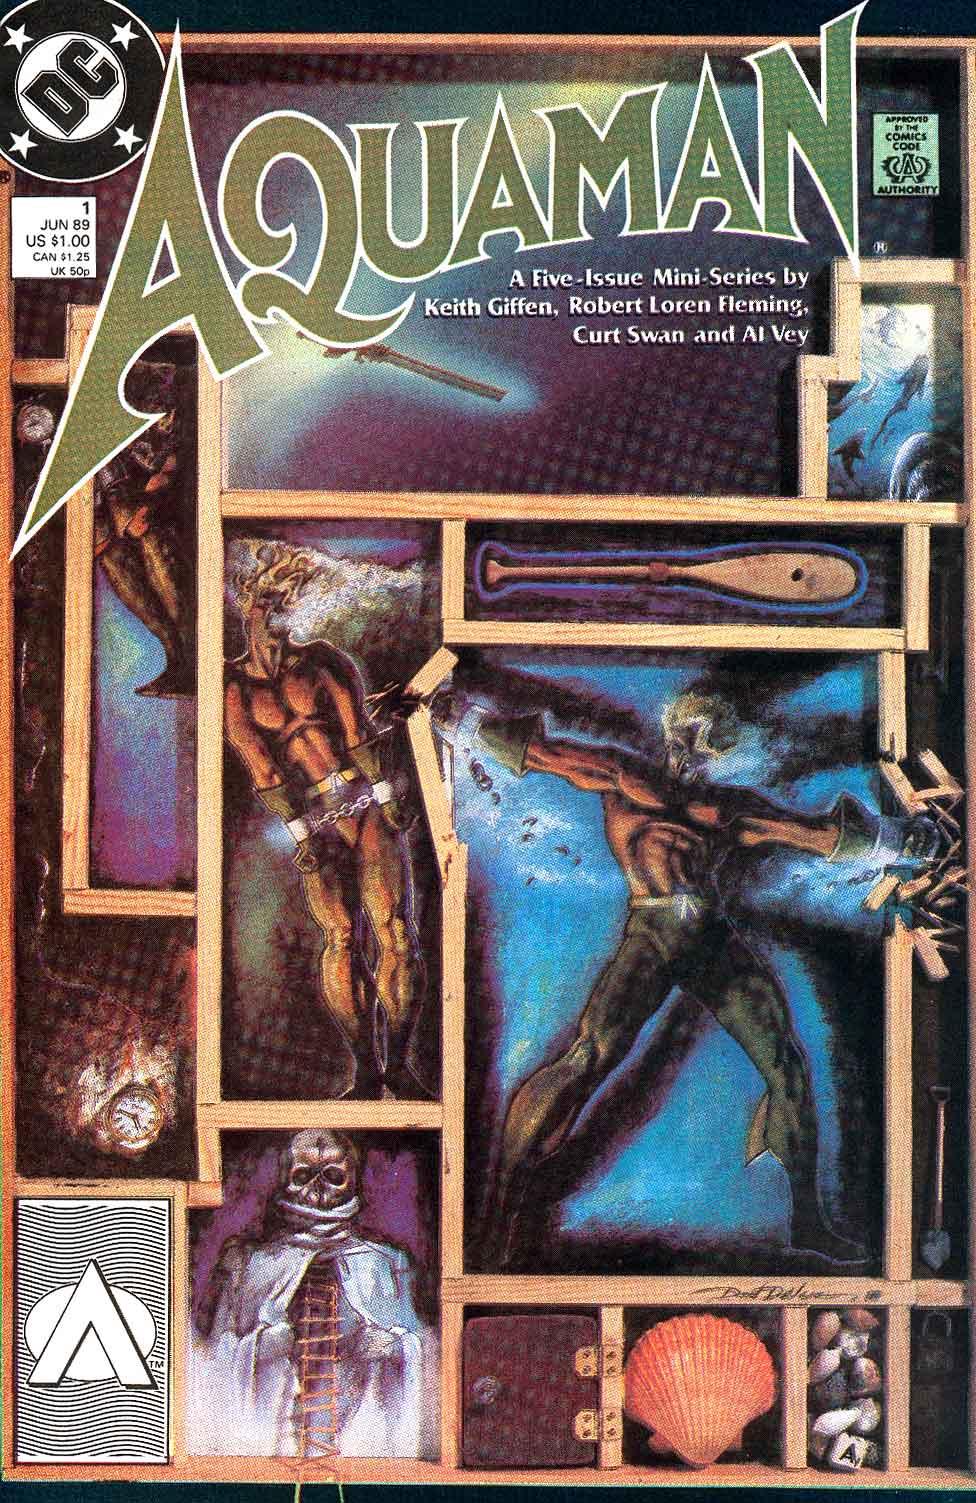 Aquaman_1989_01-00